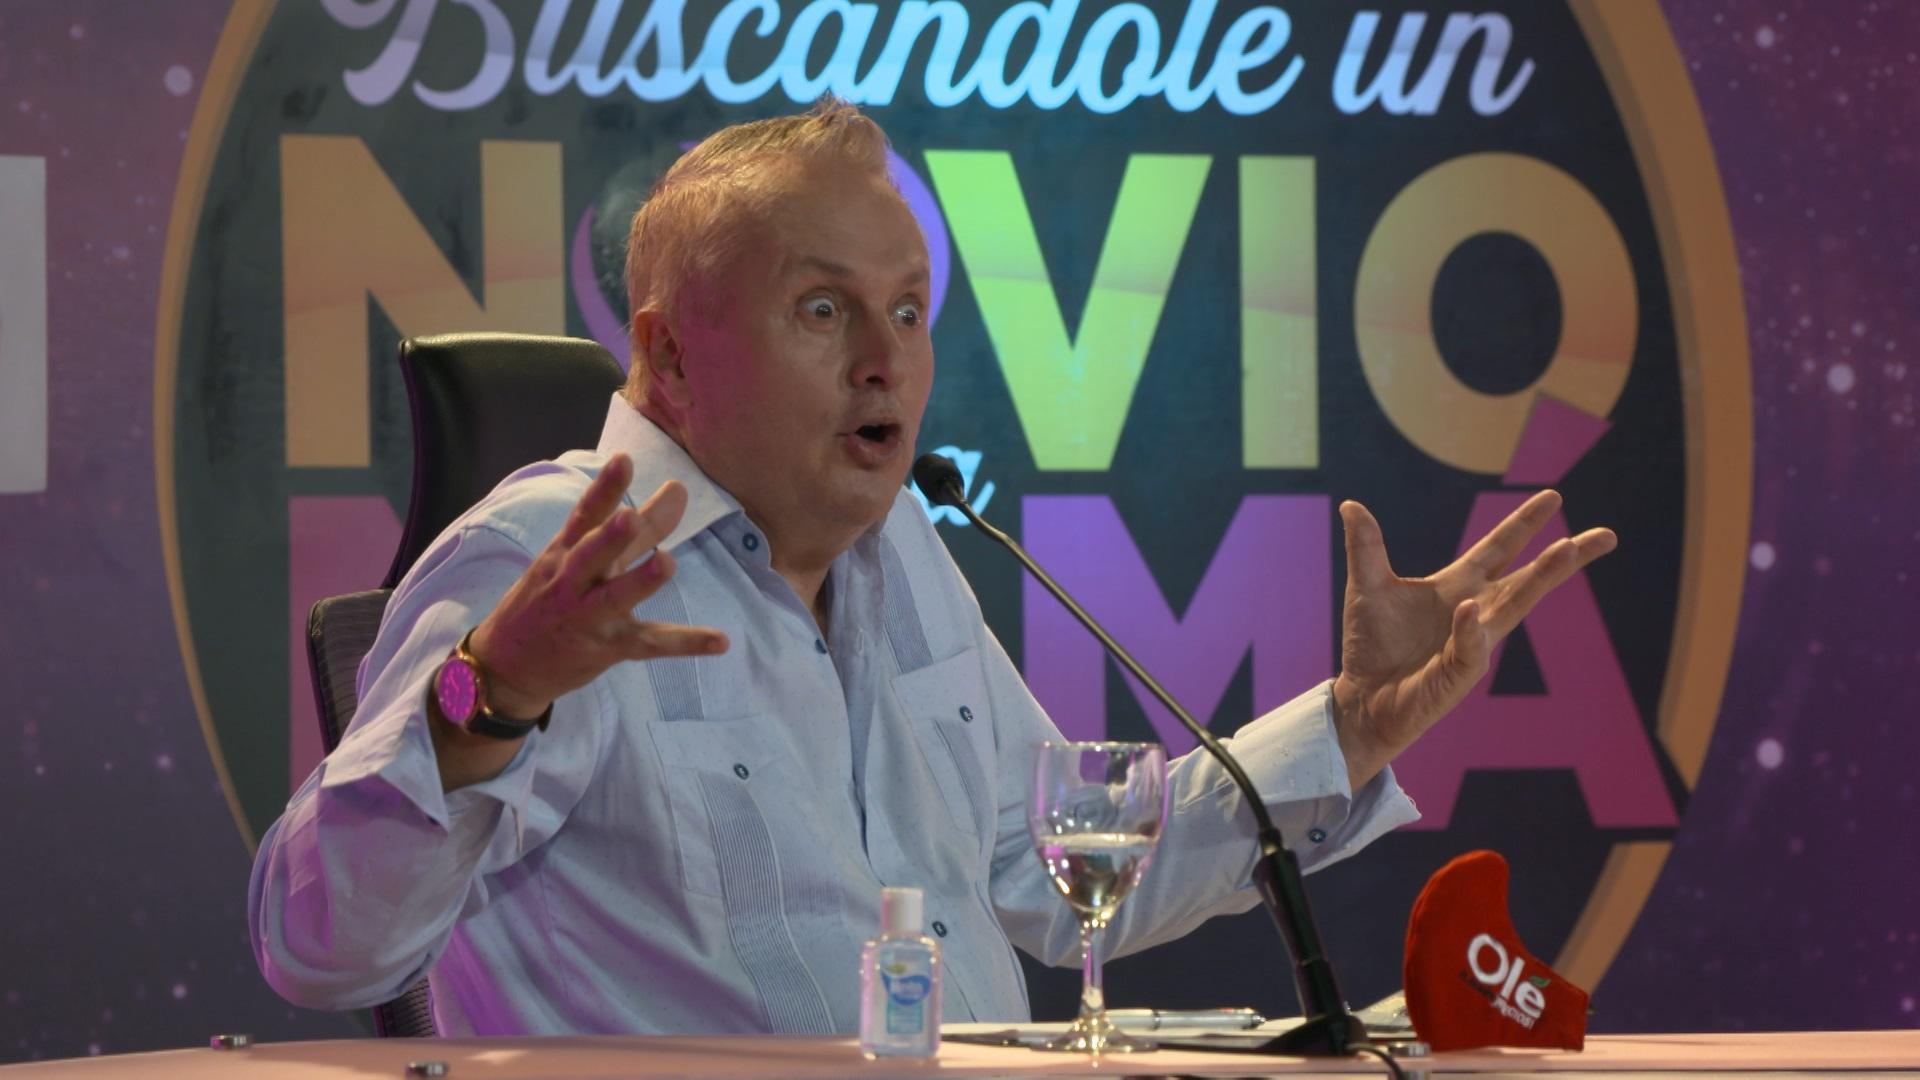 Hugo Devana, el productor detrás de los proyectos televisivos del momento en RD